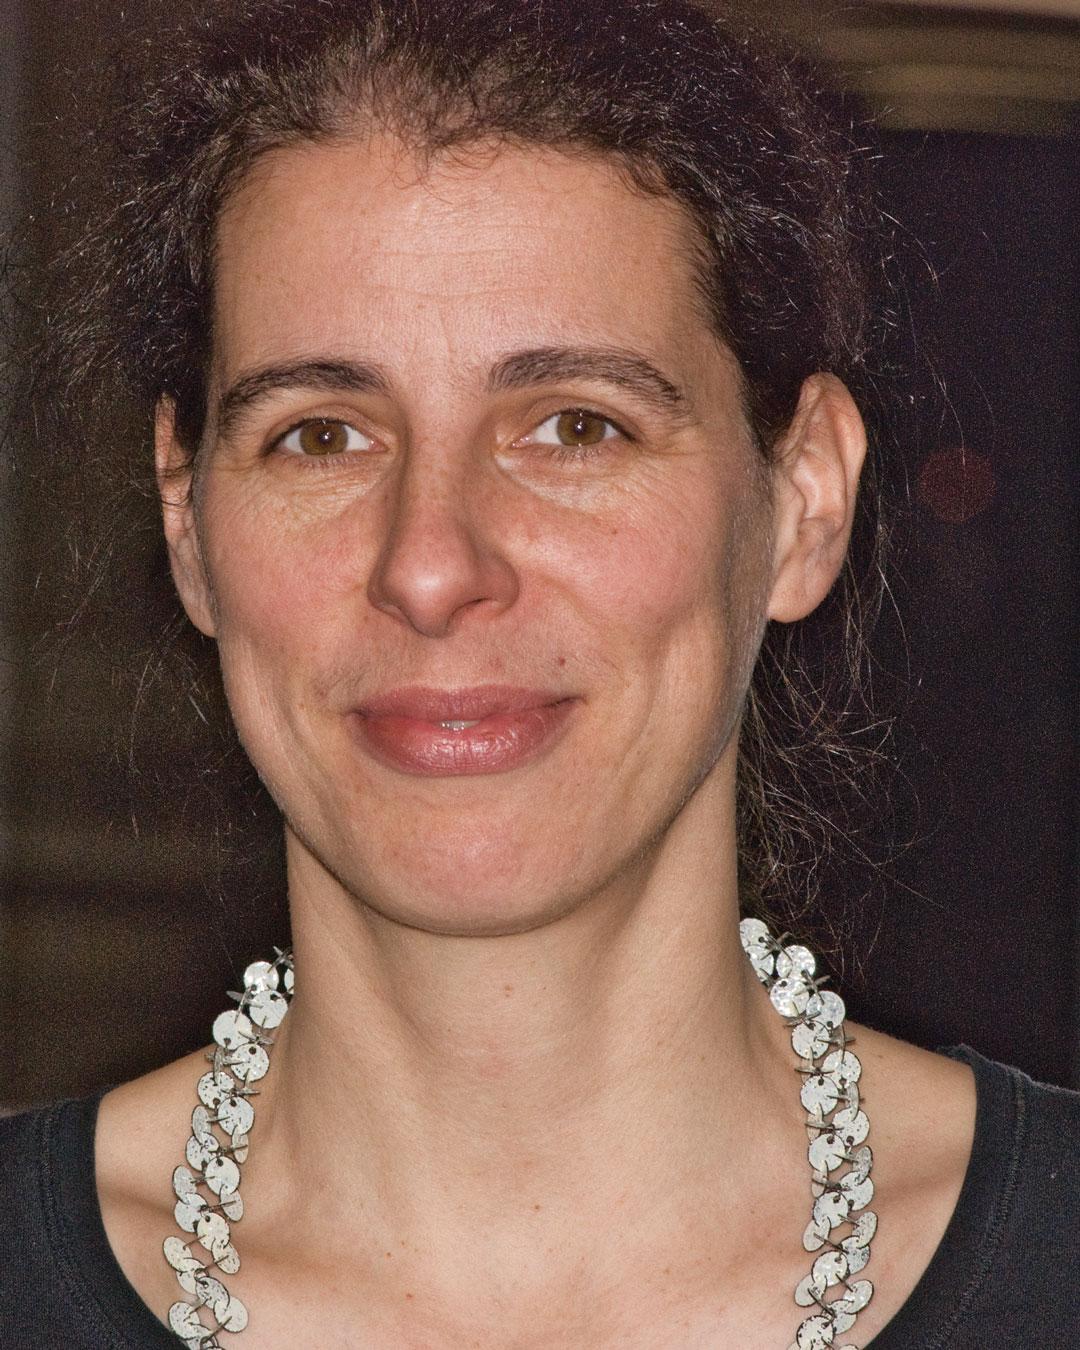 Silke Trekel, 2010